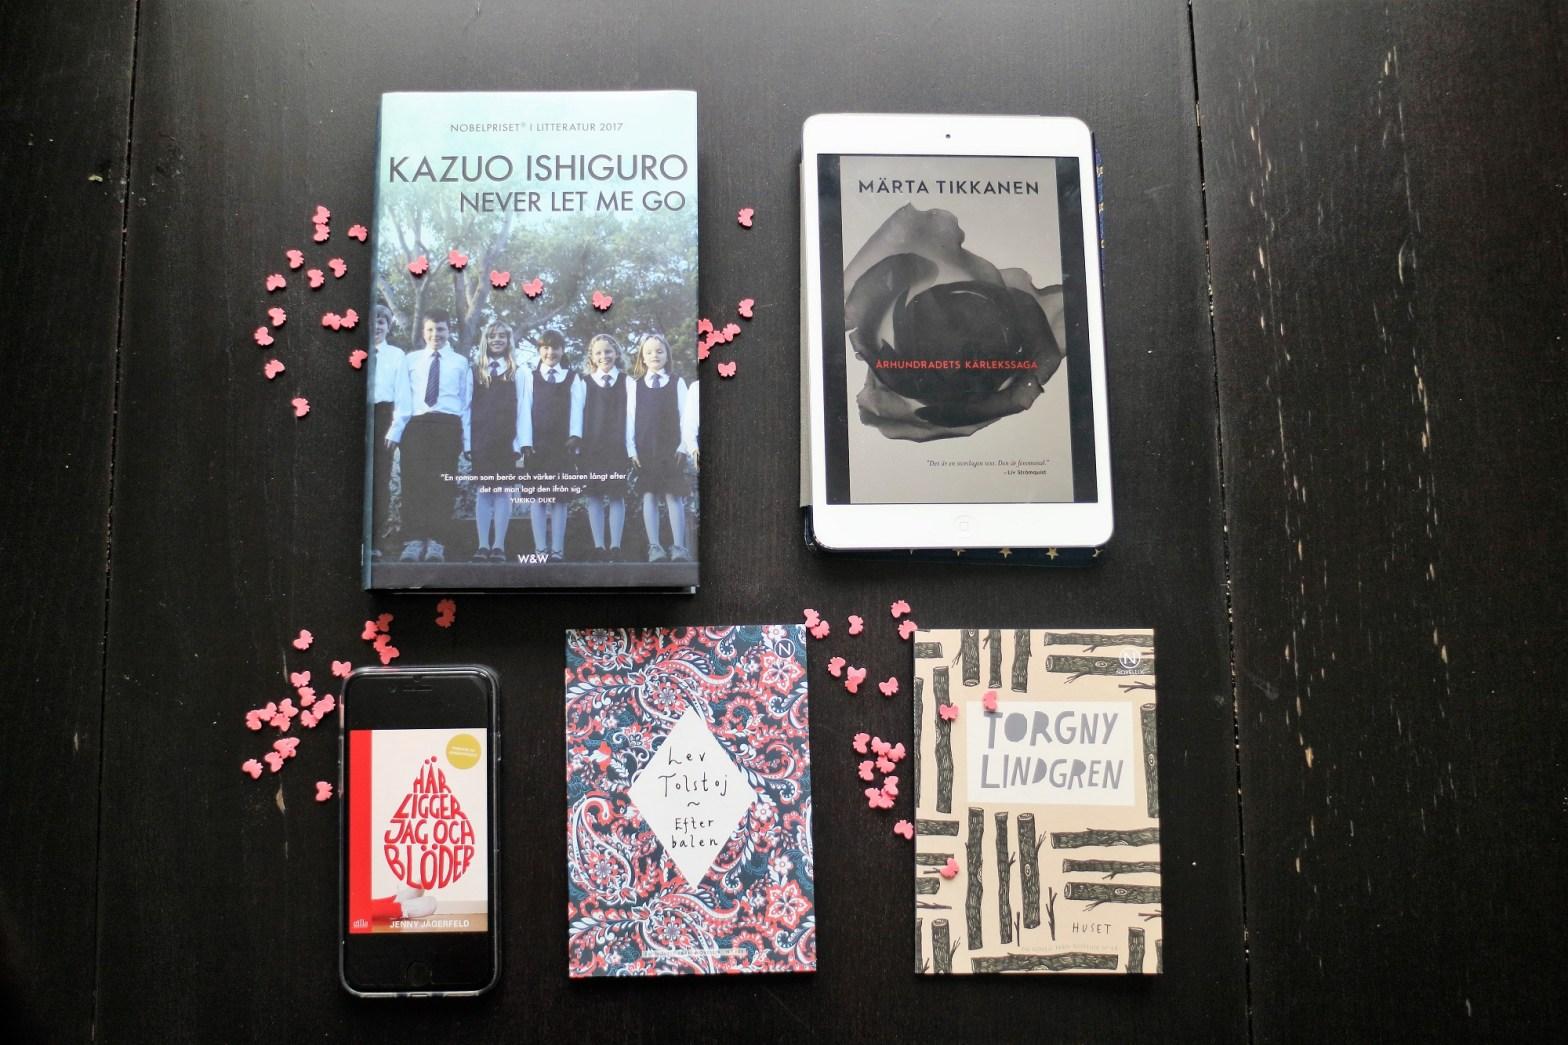 5 romaner om kärlek: Never let me go, Århundradets kärlekssaga, Här ligger jag och blöder, Efter baken, Huset